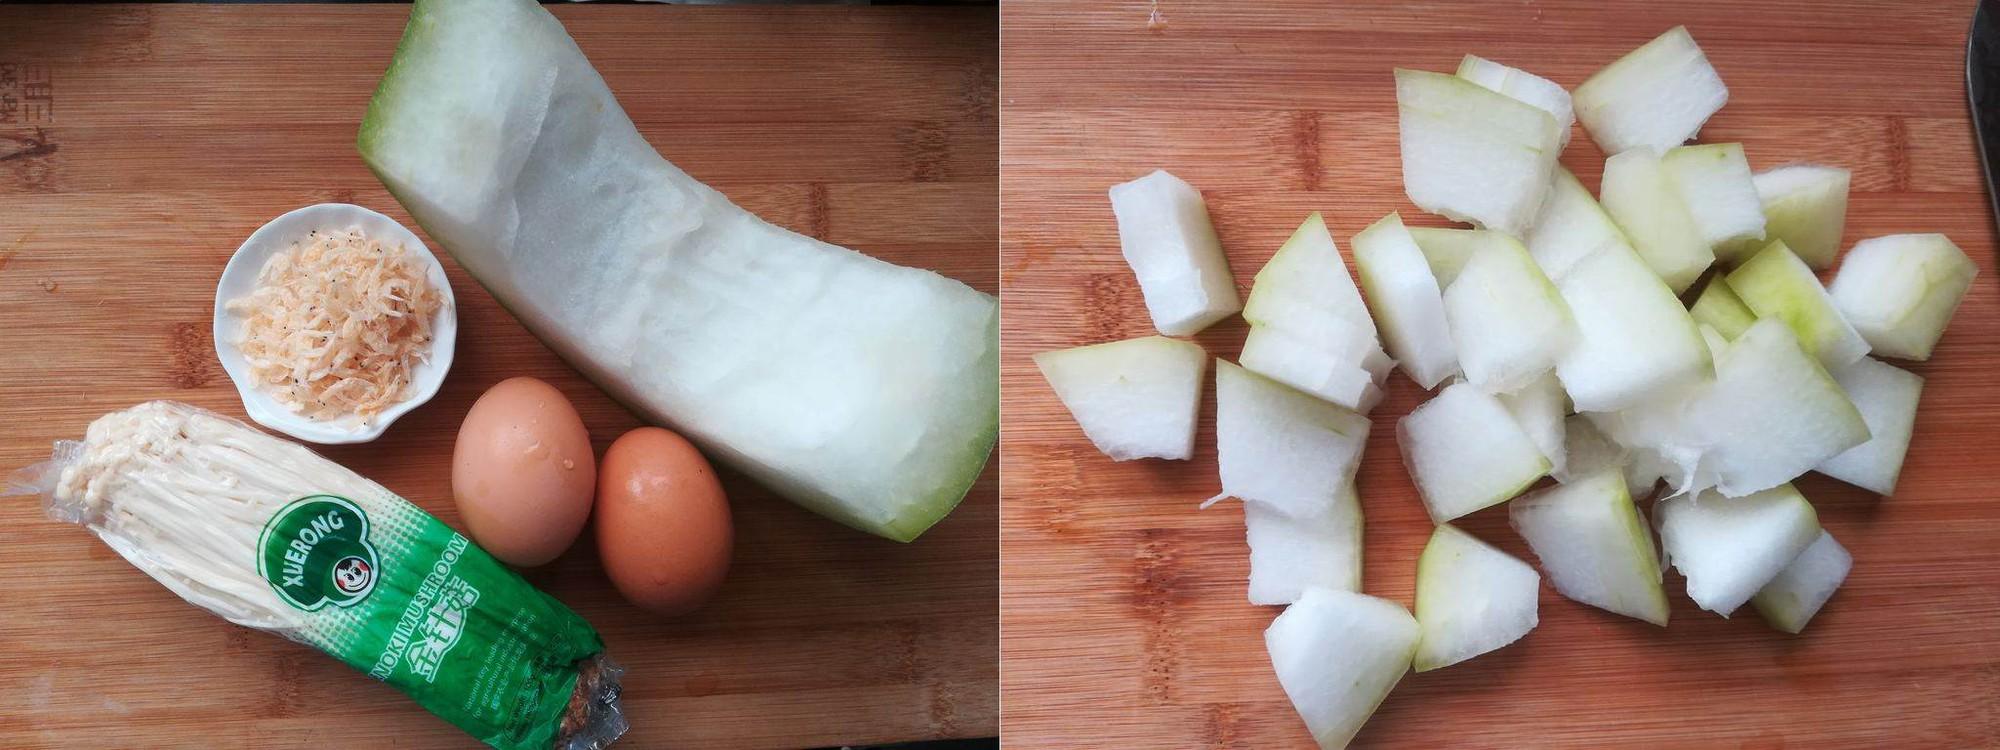 Ngọt lành thanh mát canh bí đao nấu nấm